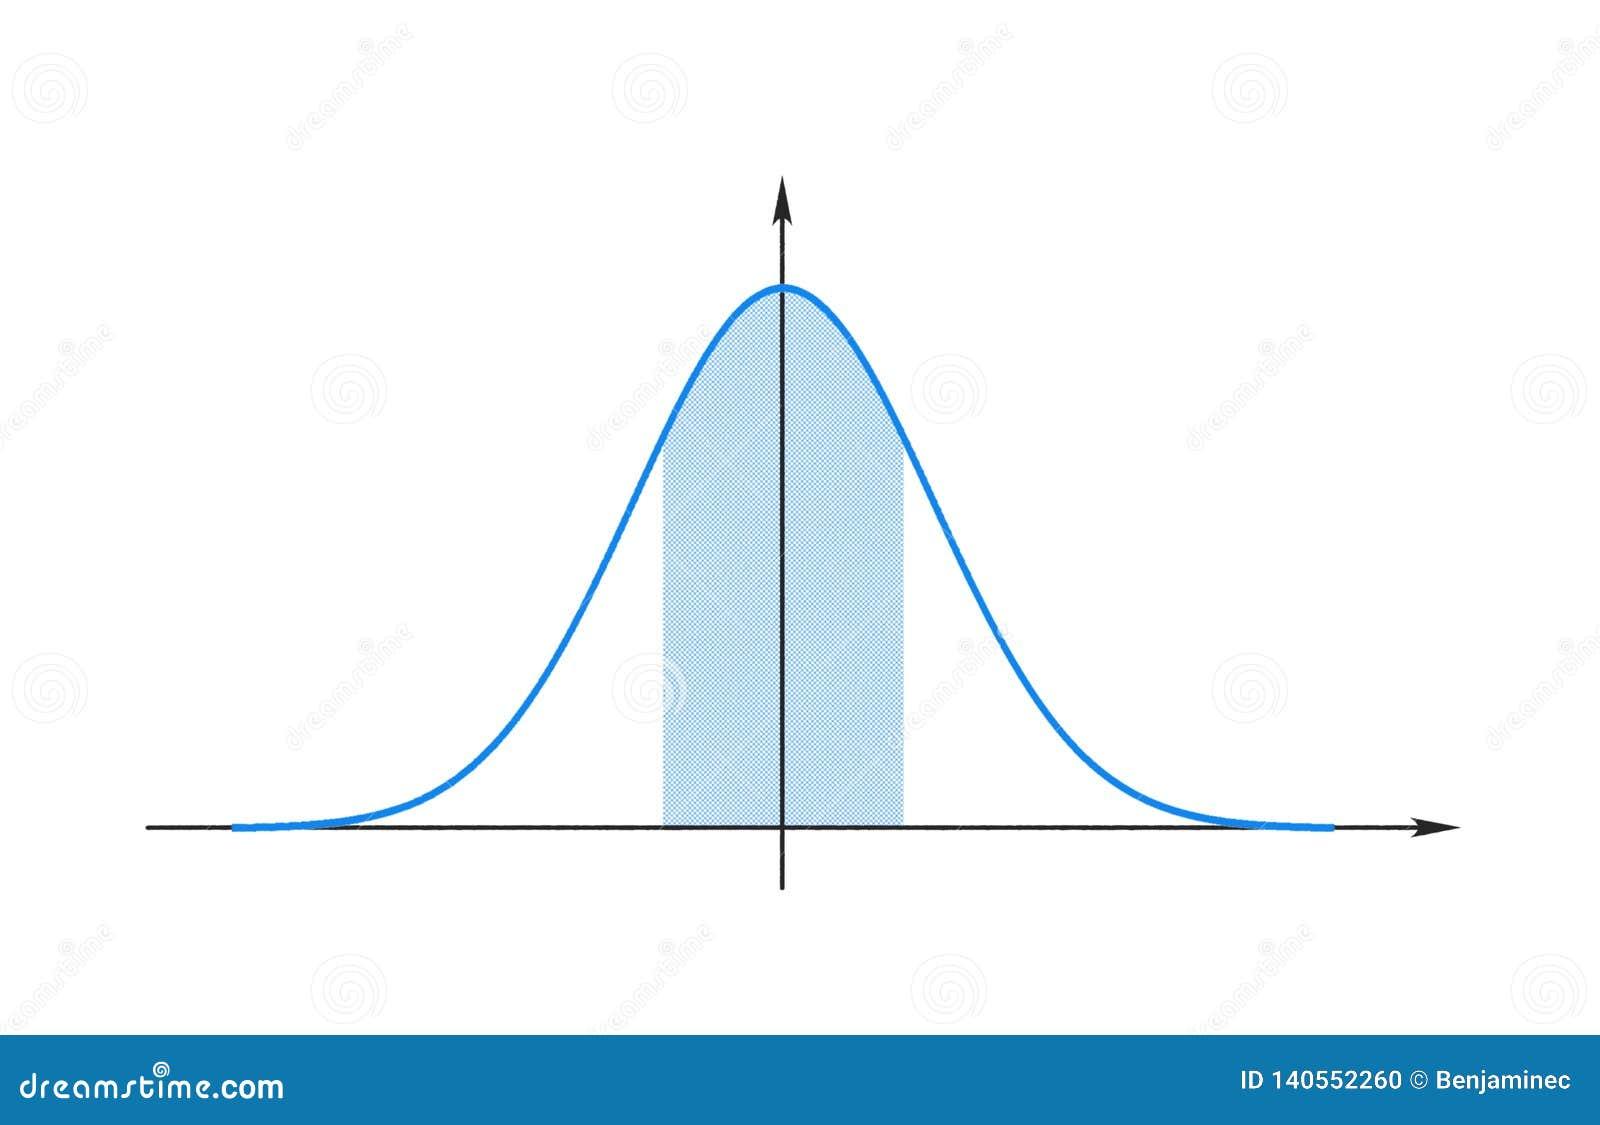 Grafiek van de Gaussfunctie